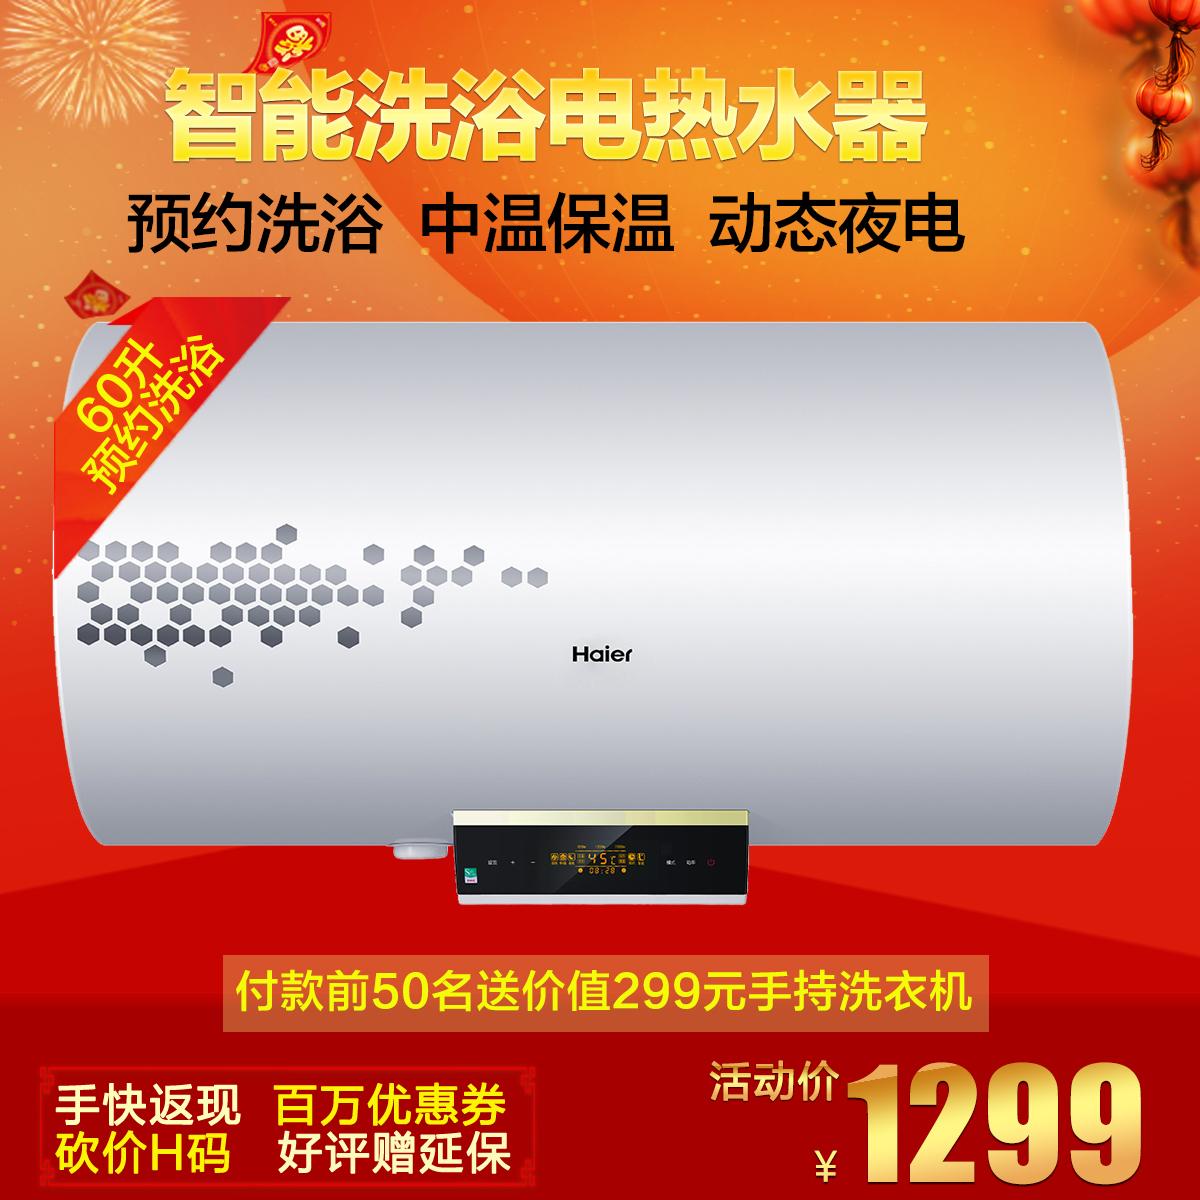 海尔电热水器 ec6002-r5图片